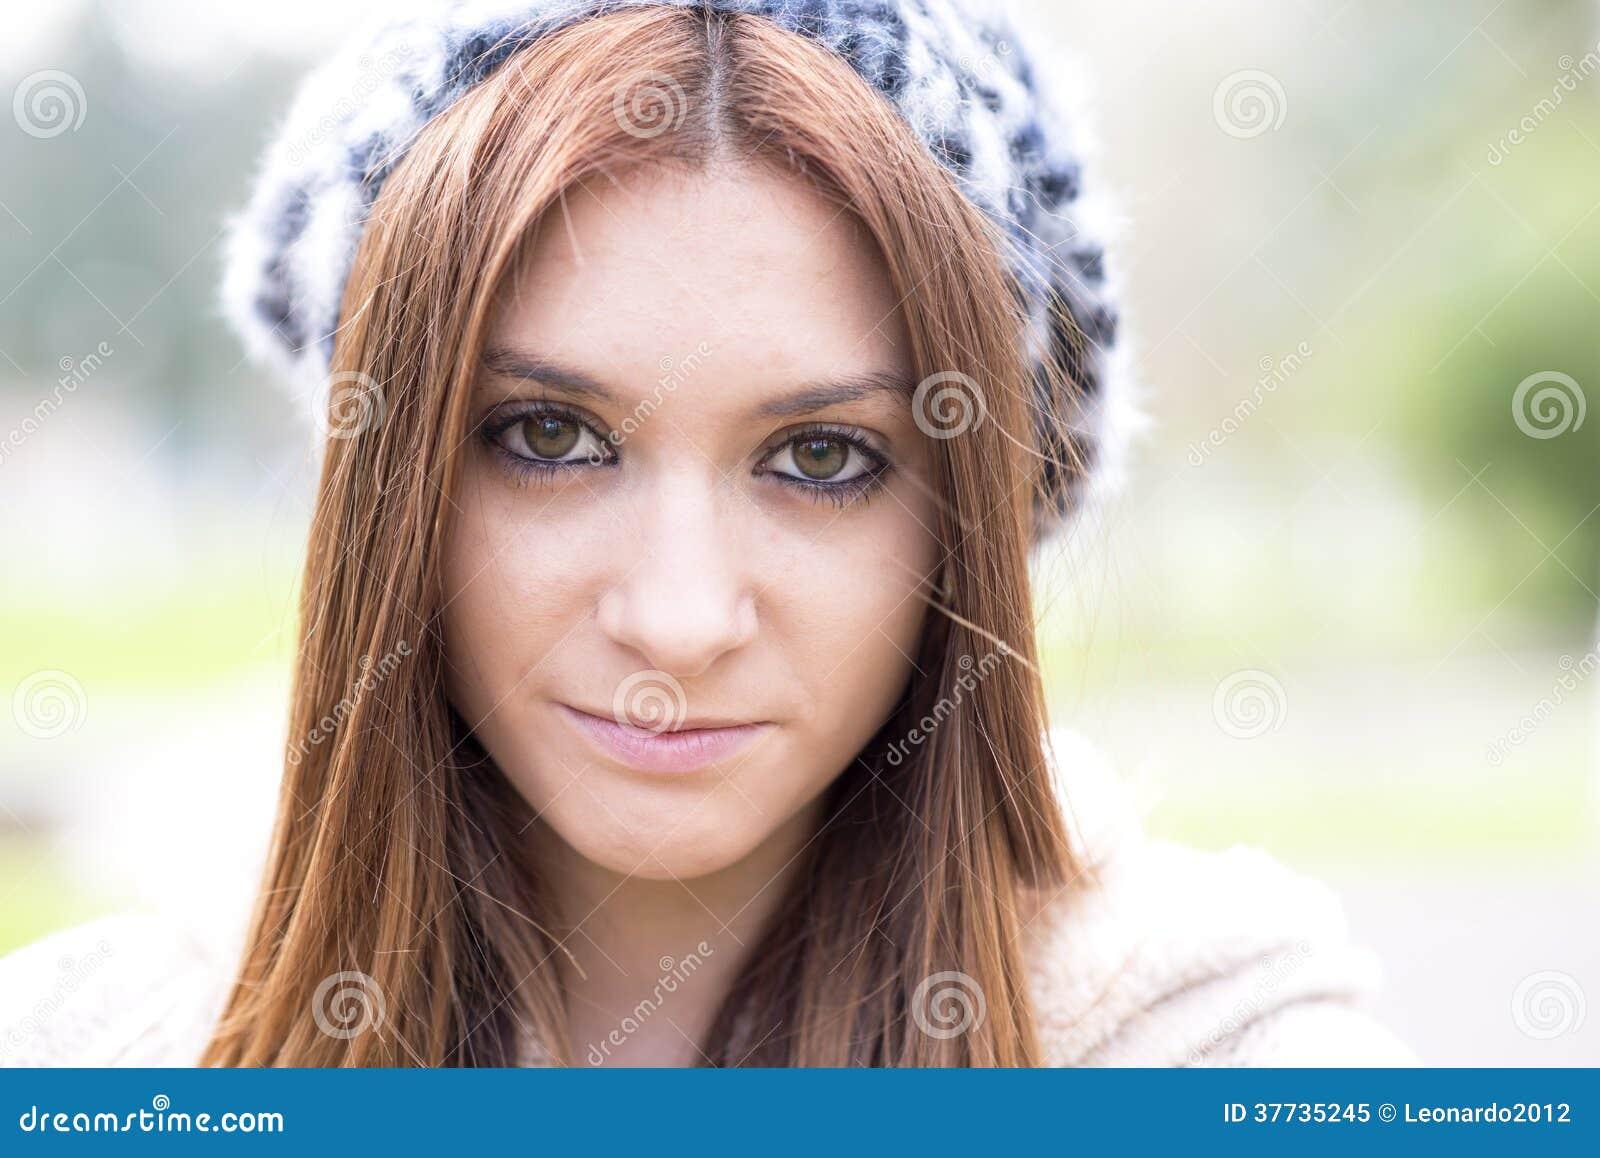 Retrato del primer de la chica joven atractiva con el capo.